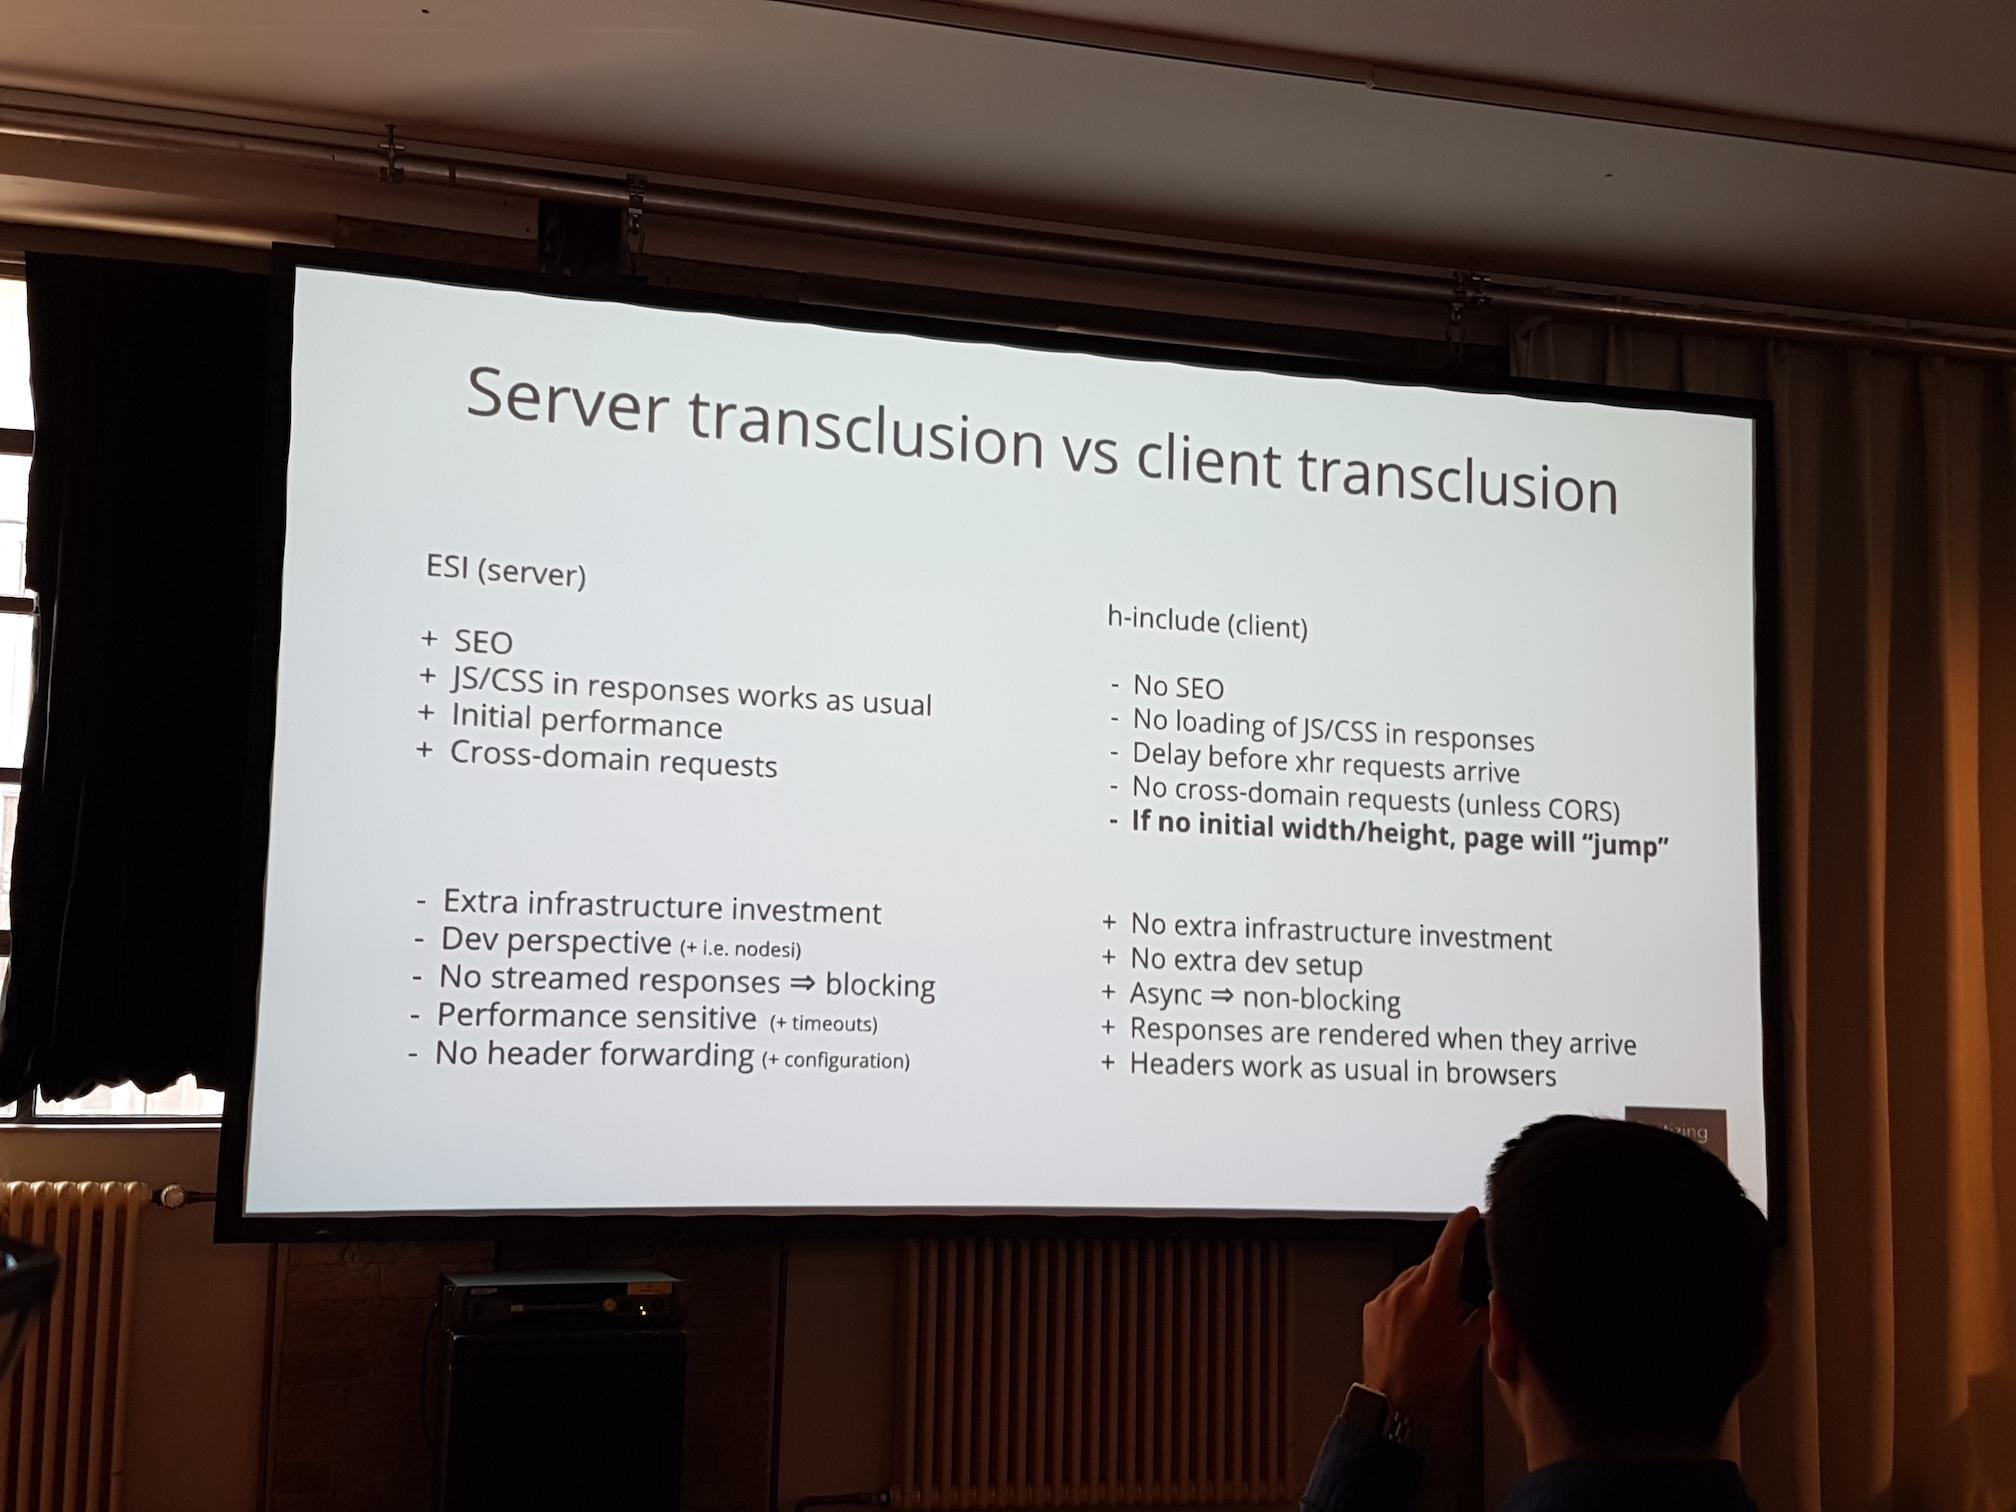 Server transclusion vs client transclusion